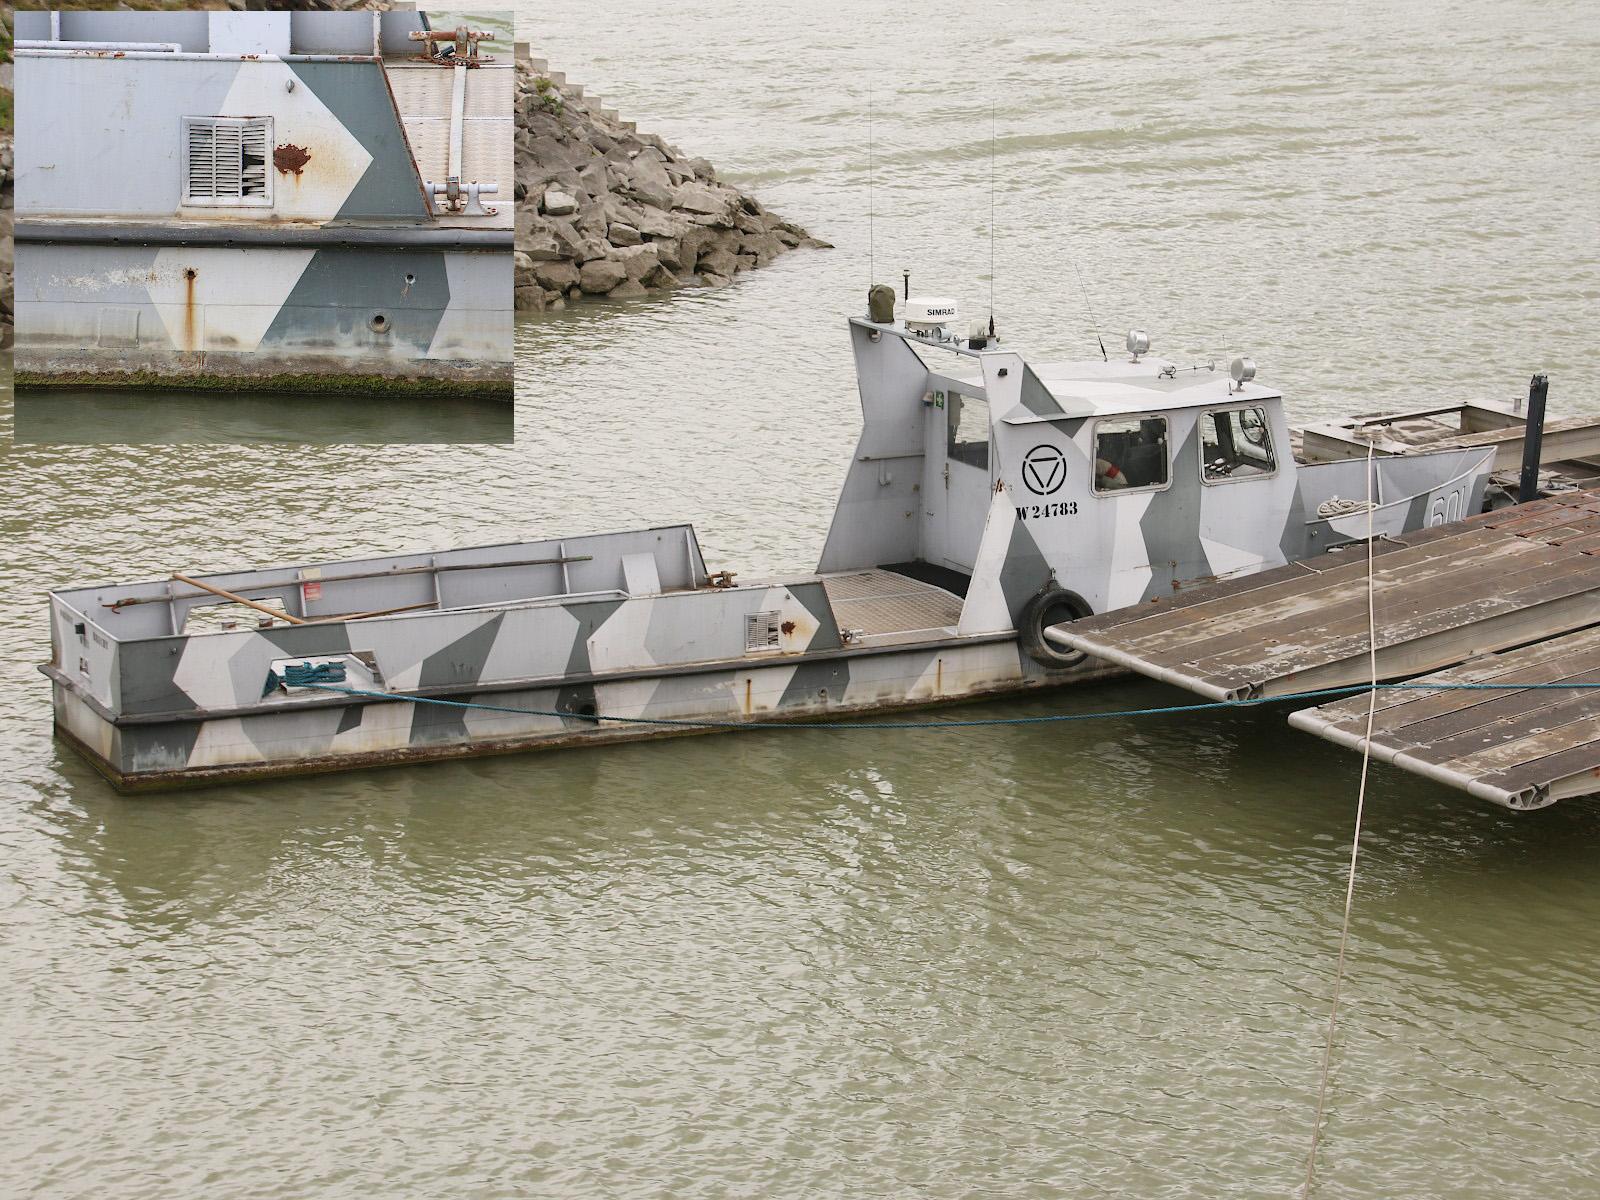 Das ausgeschiedene Patrouillenboot Oberst Brecht könnte mit mehr Liebe erhalten werden © Doppeladler.com